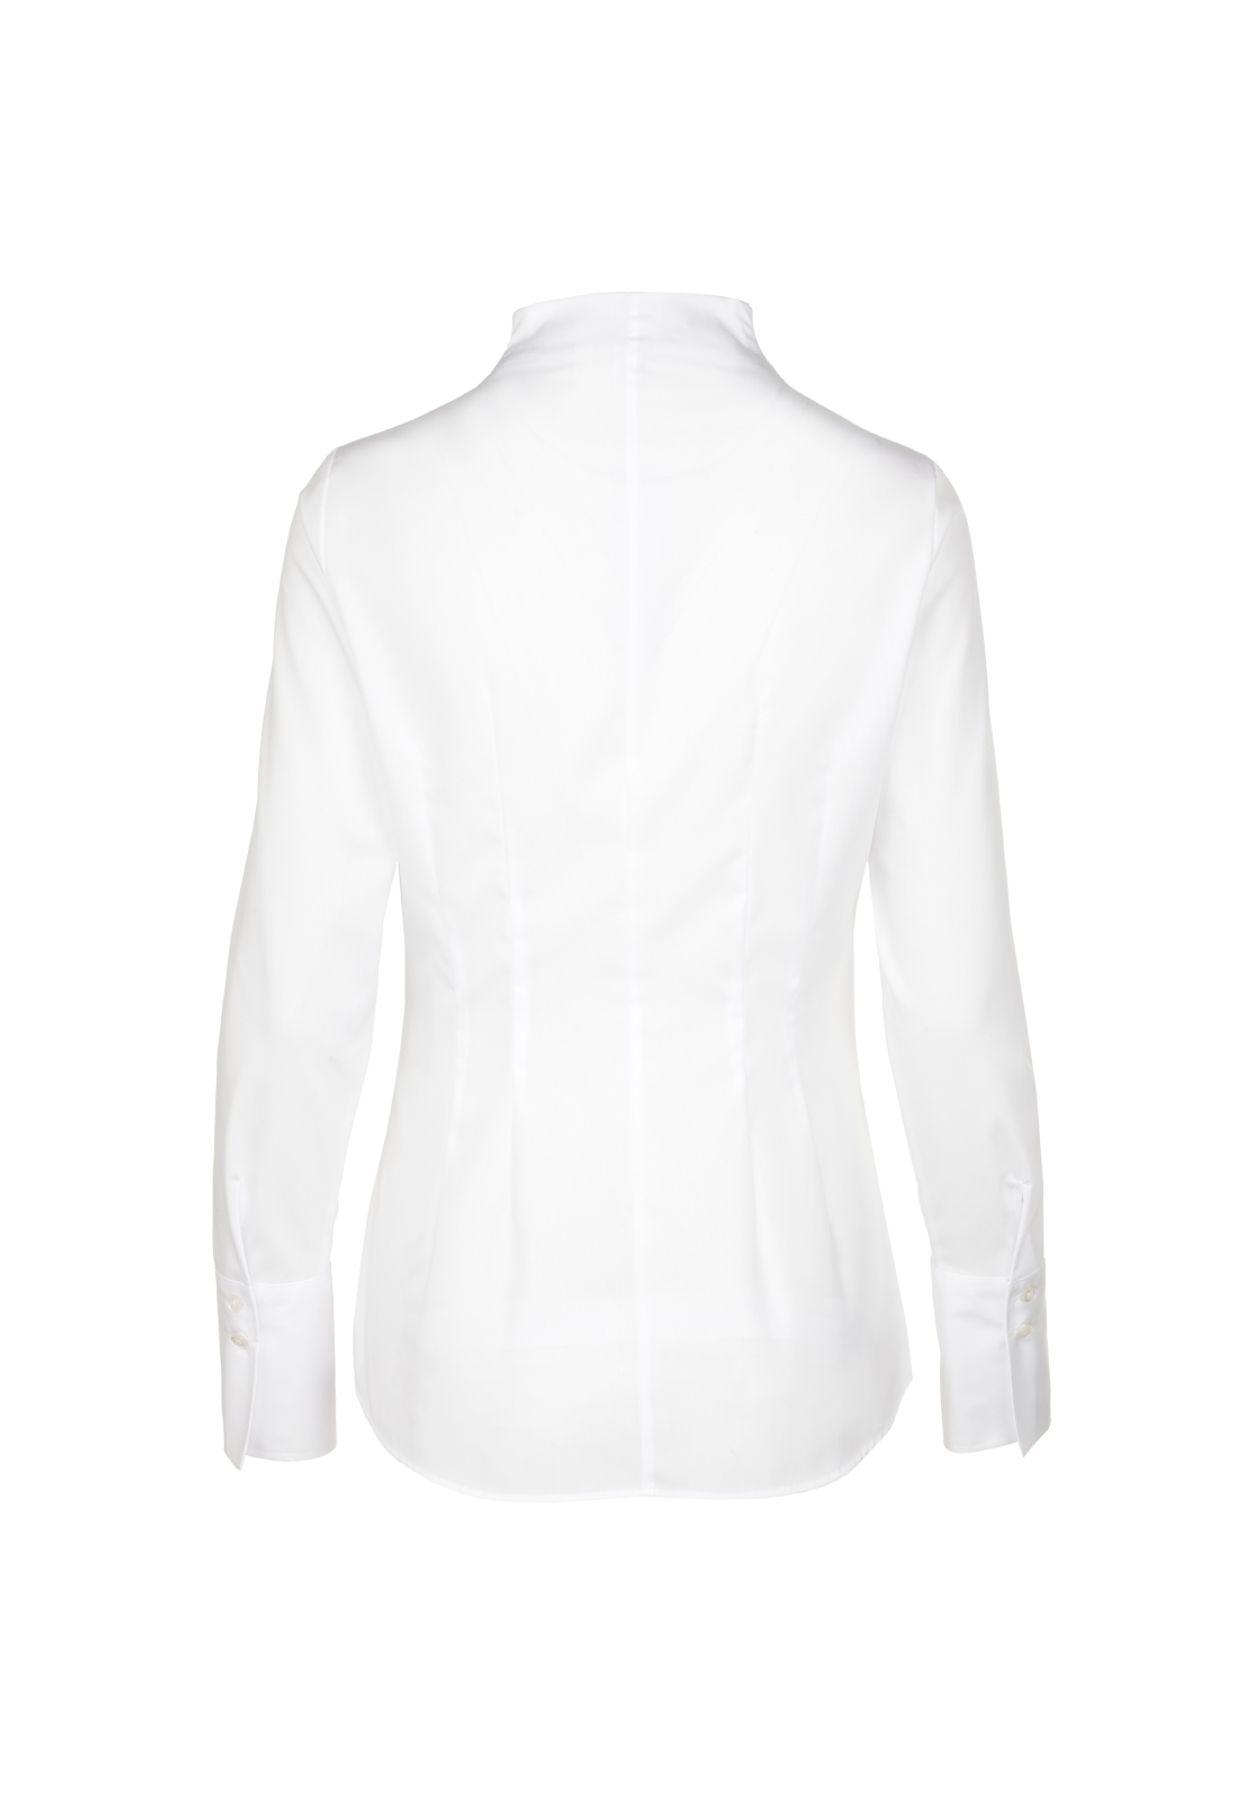 Seidensticker - Slim Fit - Damen City-Bluse 1/1-lang in weiß (60.118201) – Bild 2